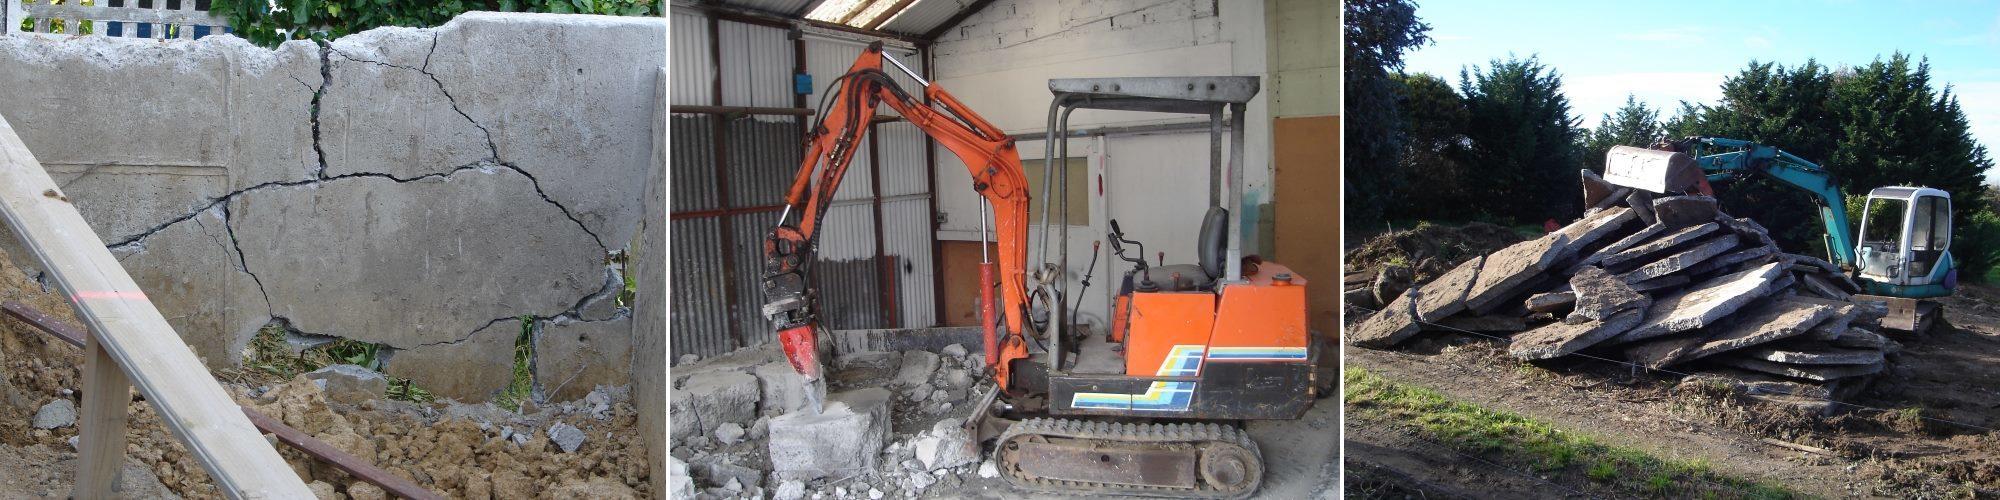 Concrete cutting services Wellington, Site demolition Lower Hutt